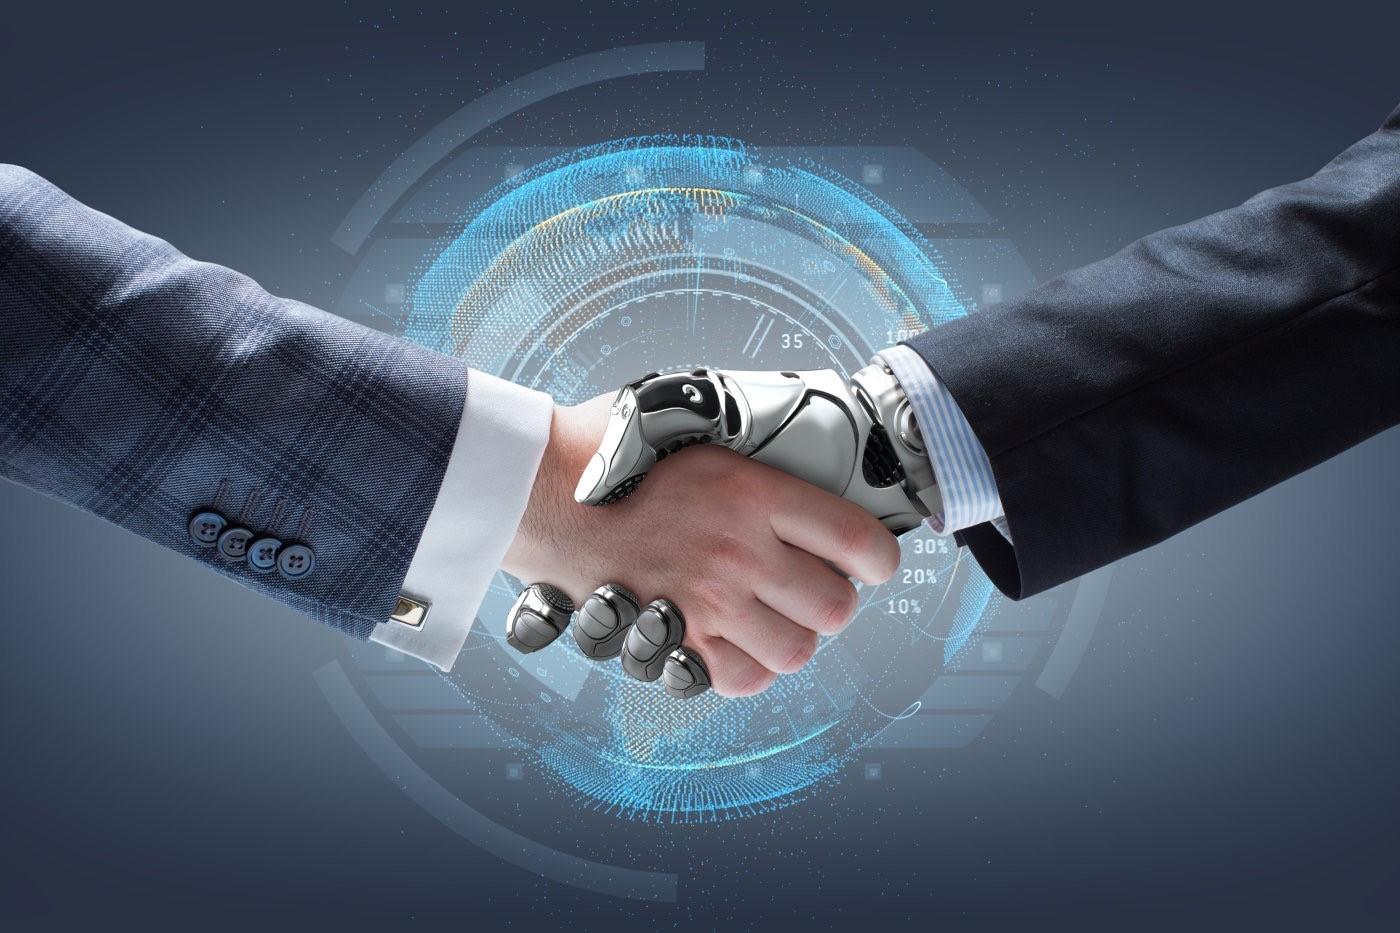 IBM и X Prize Foundation объявили конкурс по искусственному интеллекту с призовым фондом в $5 млн - 2